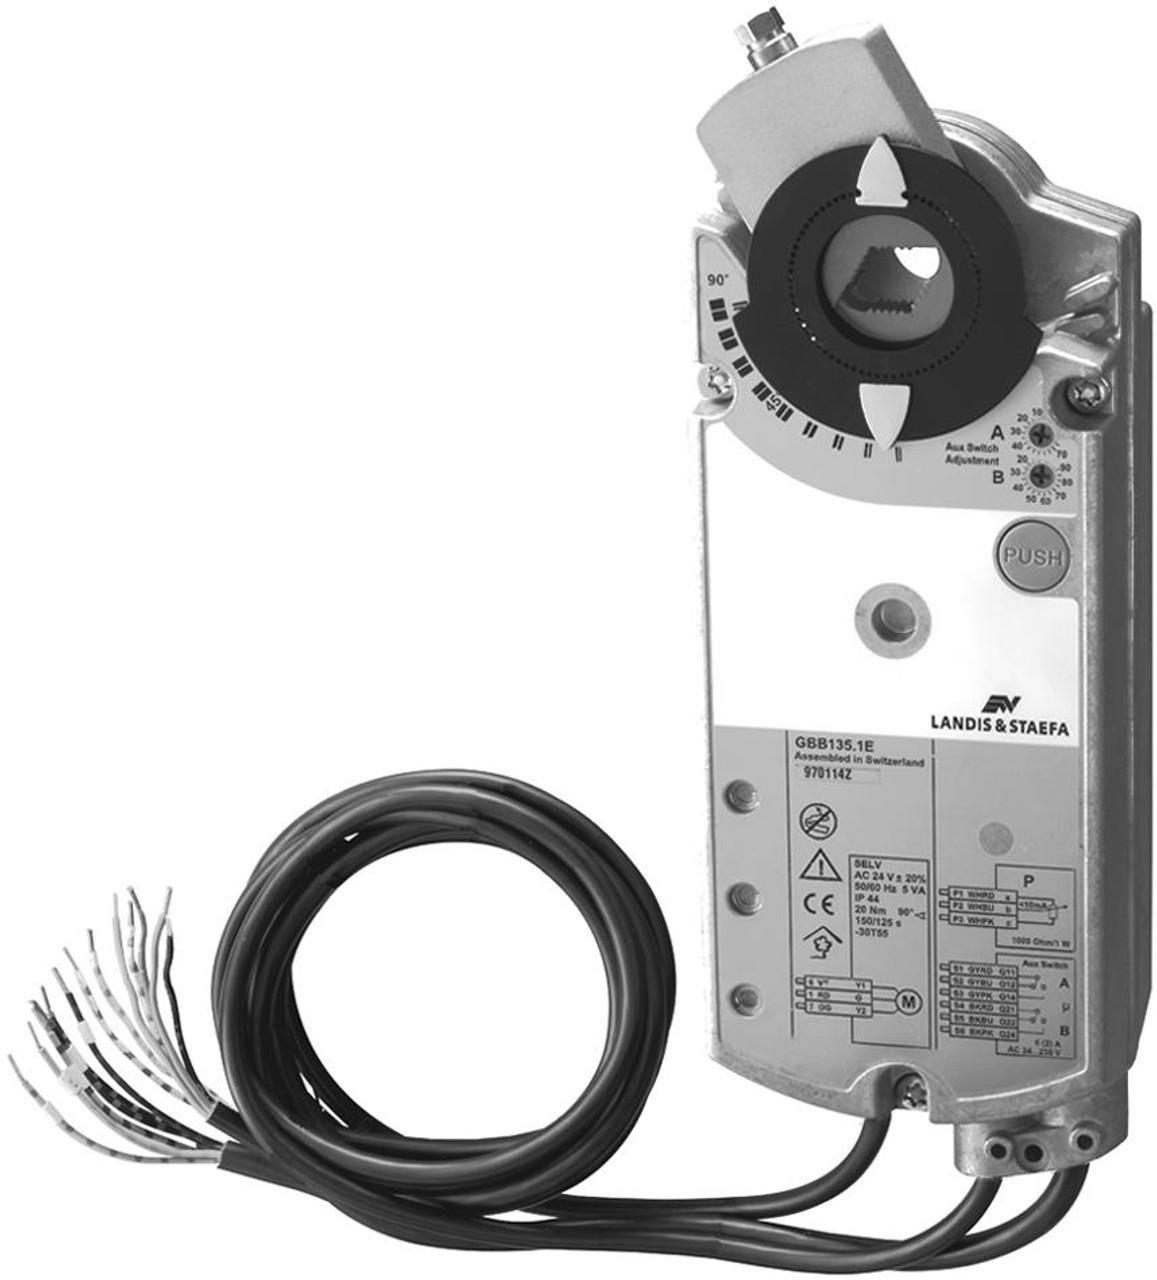 GBB336.1E rotary air damper actuator